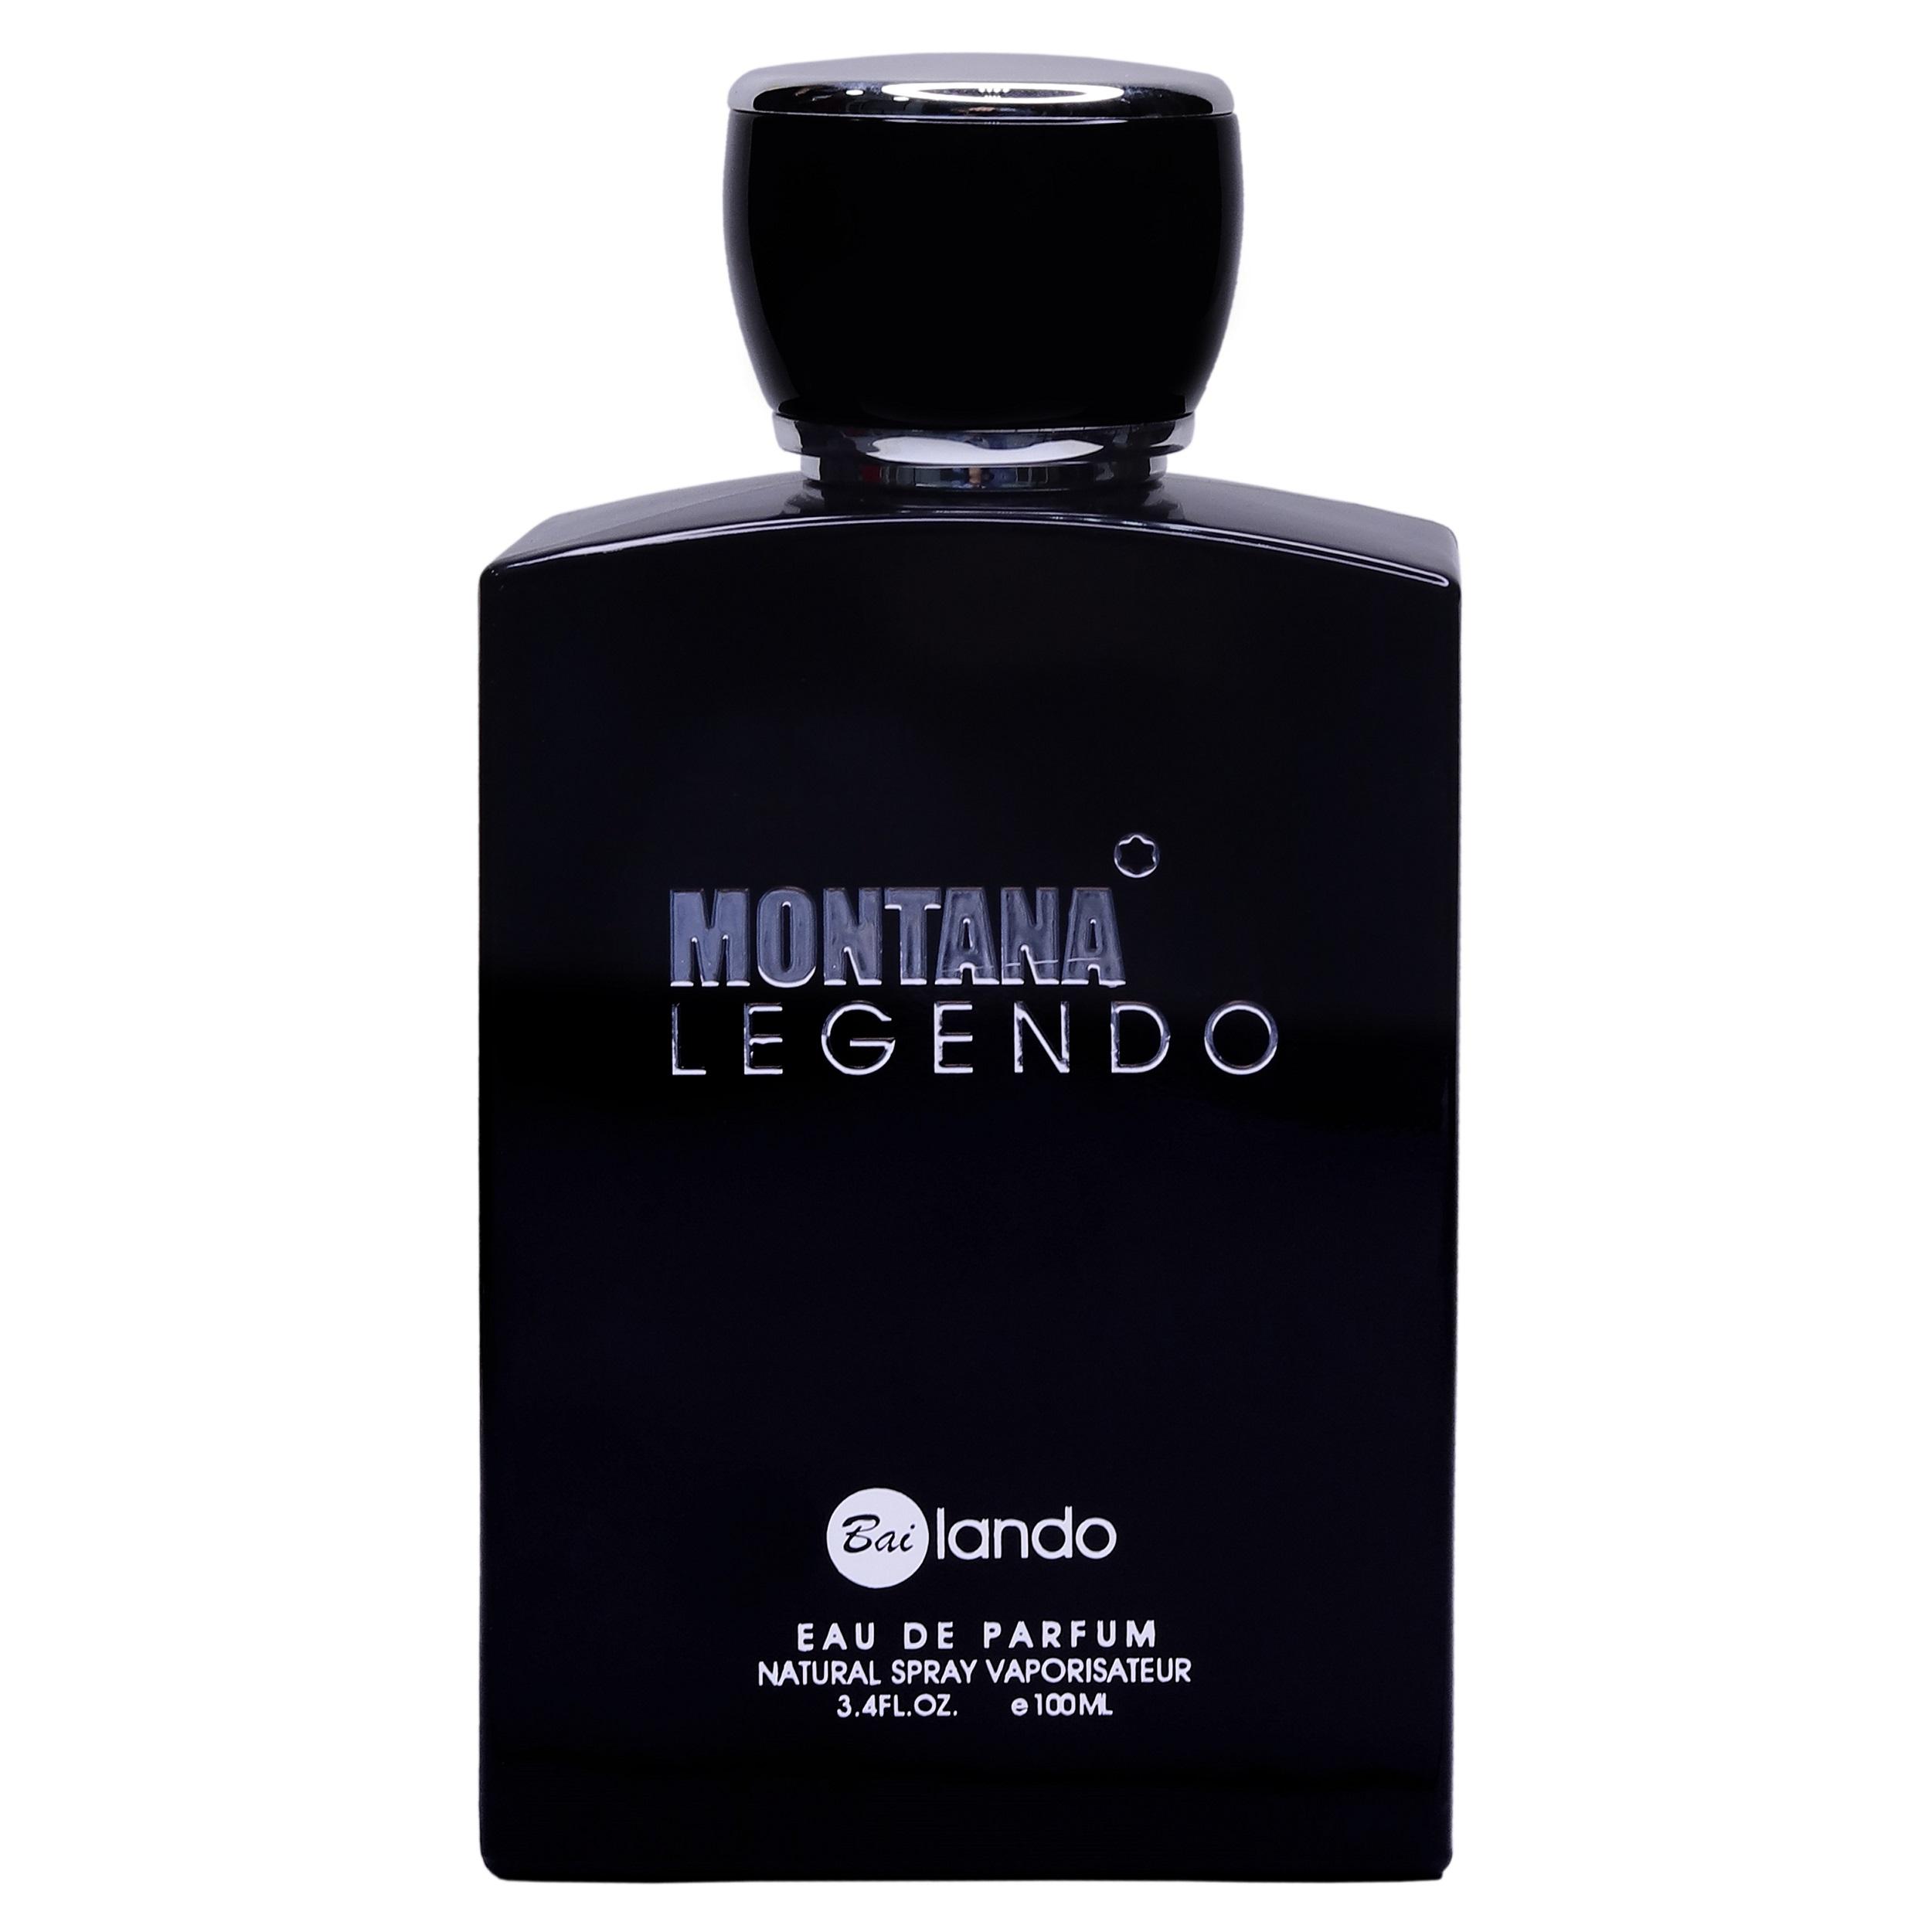 ادو پرفیوم مردانه بای لندو مدل MONTANA LEGENDO حجم 100 میلی لیتر